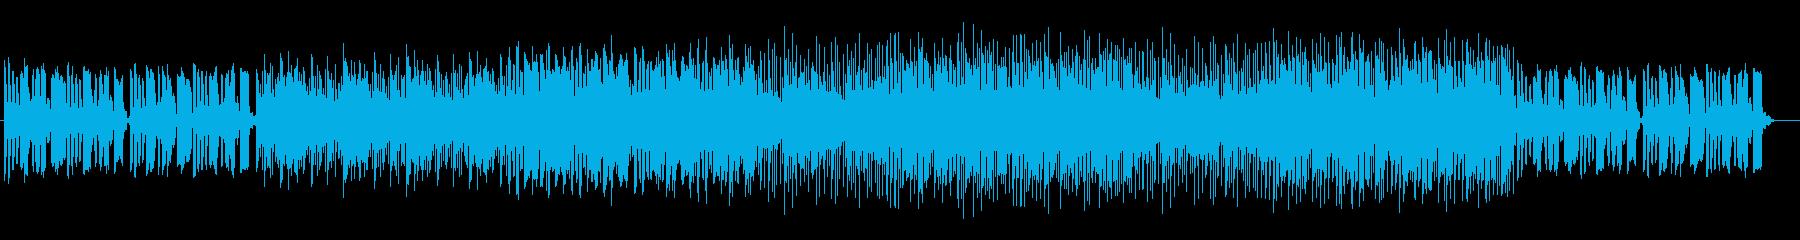 コミカル・ほのぼの・軽快・カントリーの再生済みの波形